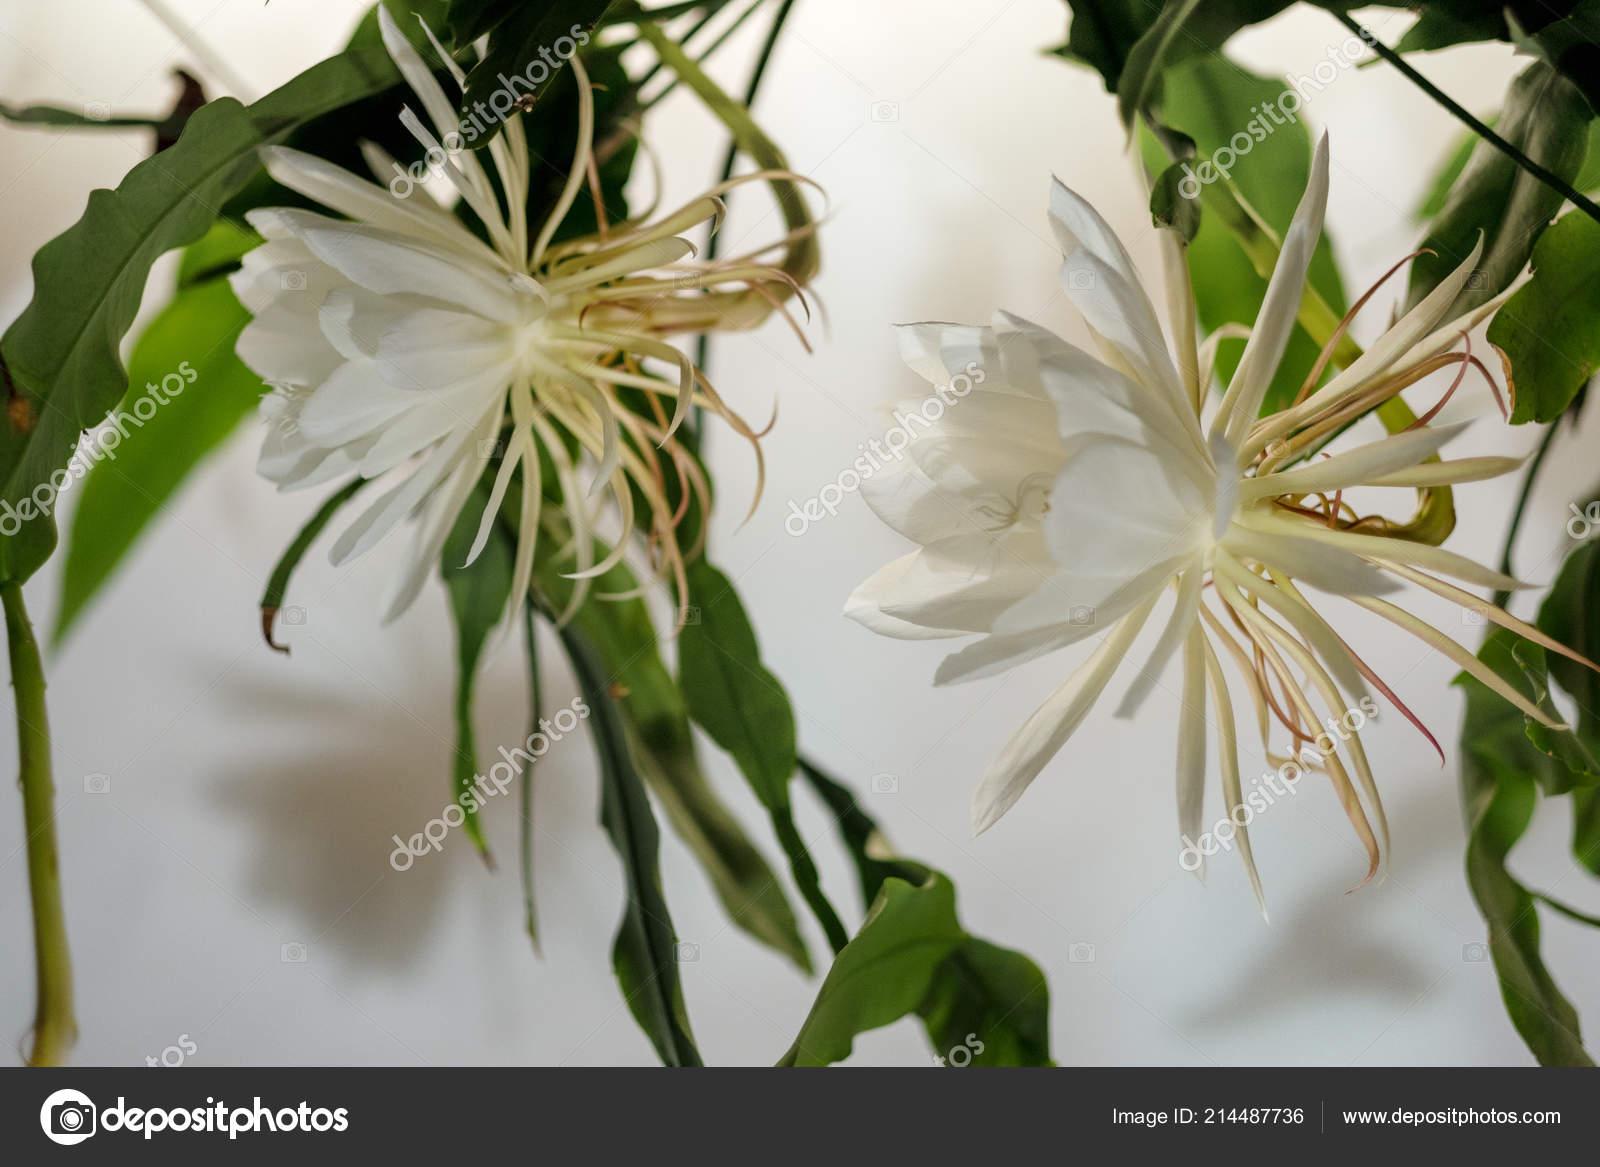 die konigin der nacht dama de noche epiphyllum oxypetalum arten von kakteen pflanze produziert nacht bluhenden duftende grossen weisse bluten